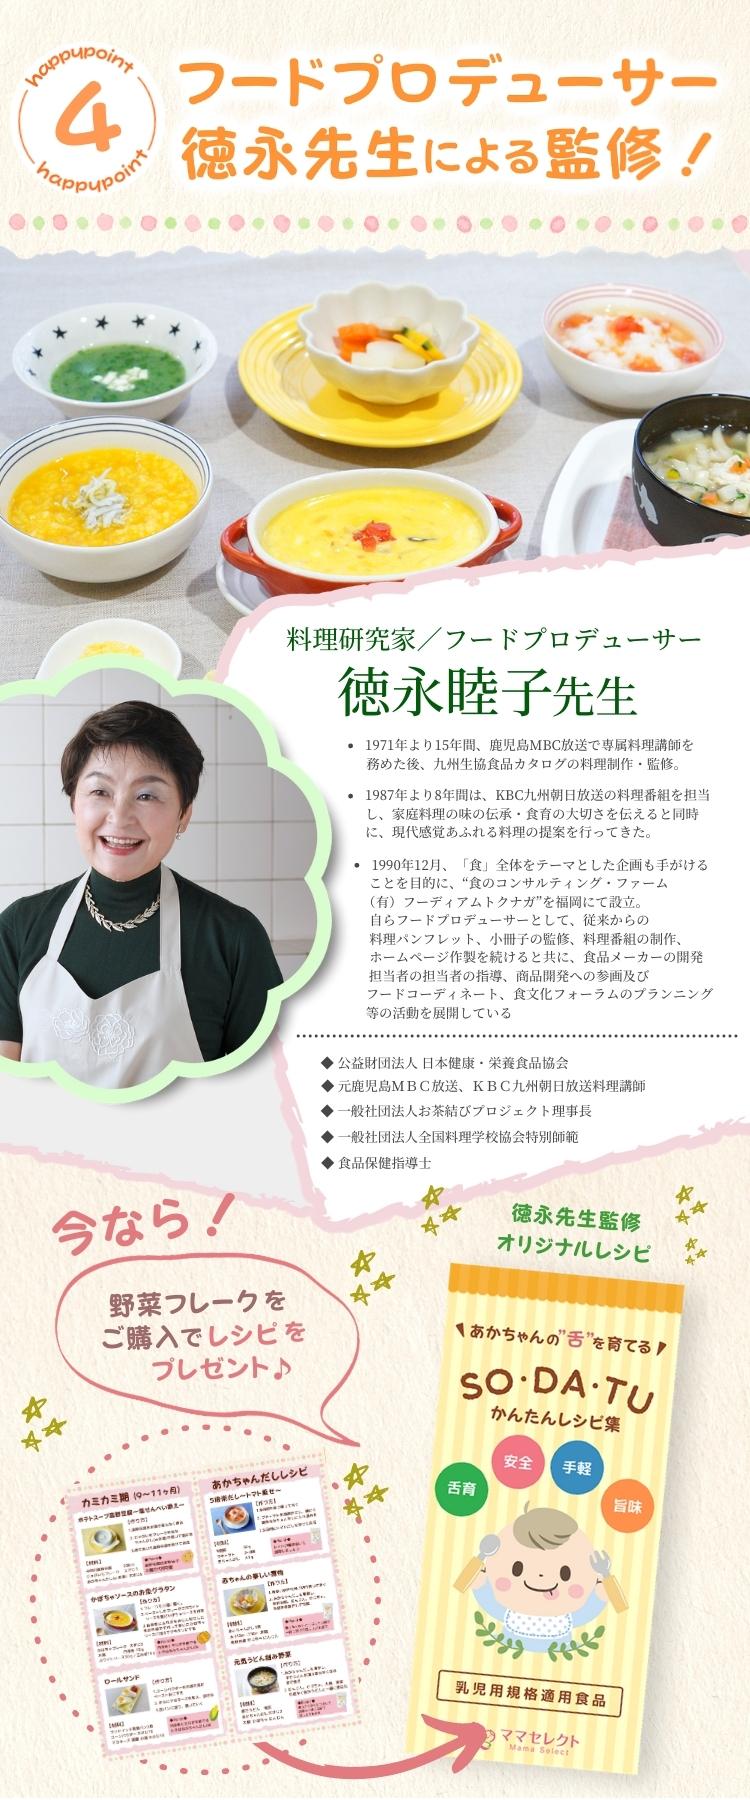 フードプロデューサー徳永先生による監修 料理研究家 フードプロデューサー 徳永睦子先生監修オリジナルレシピ